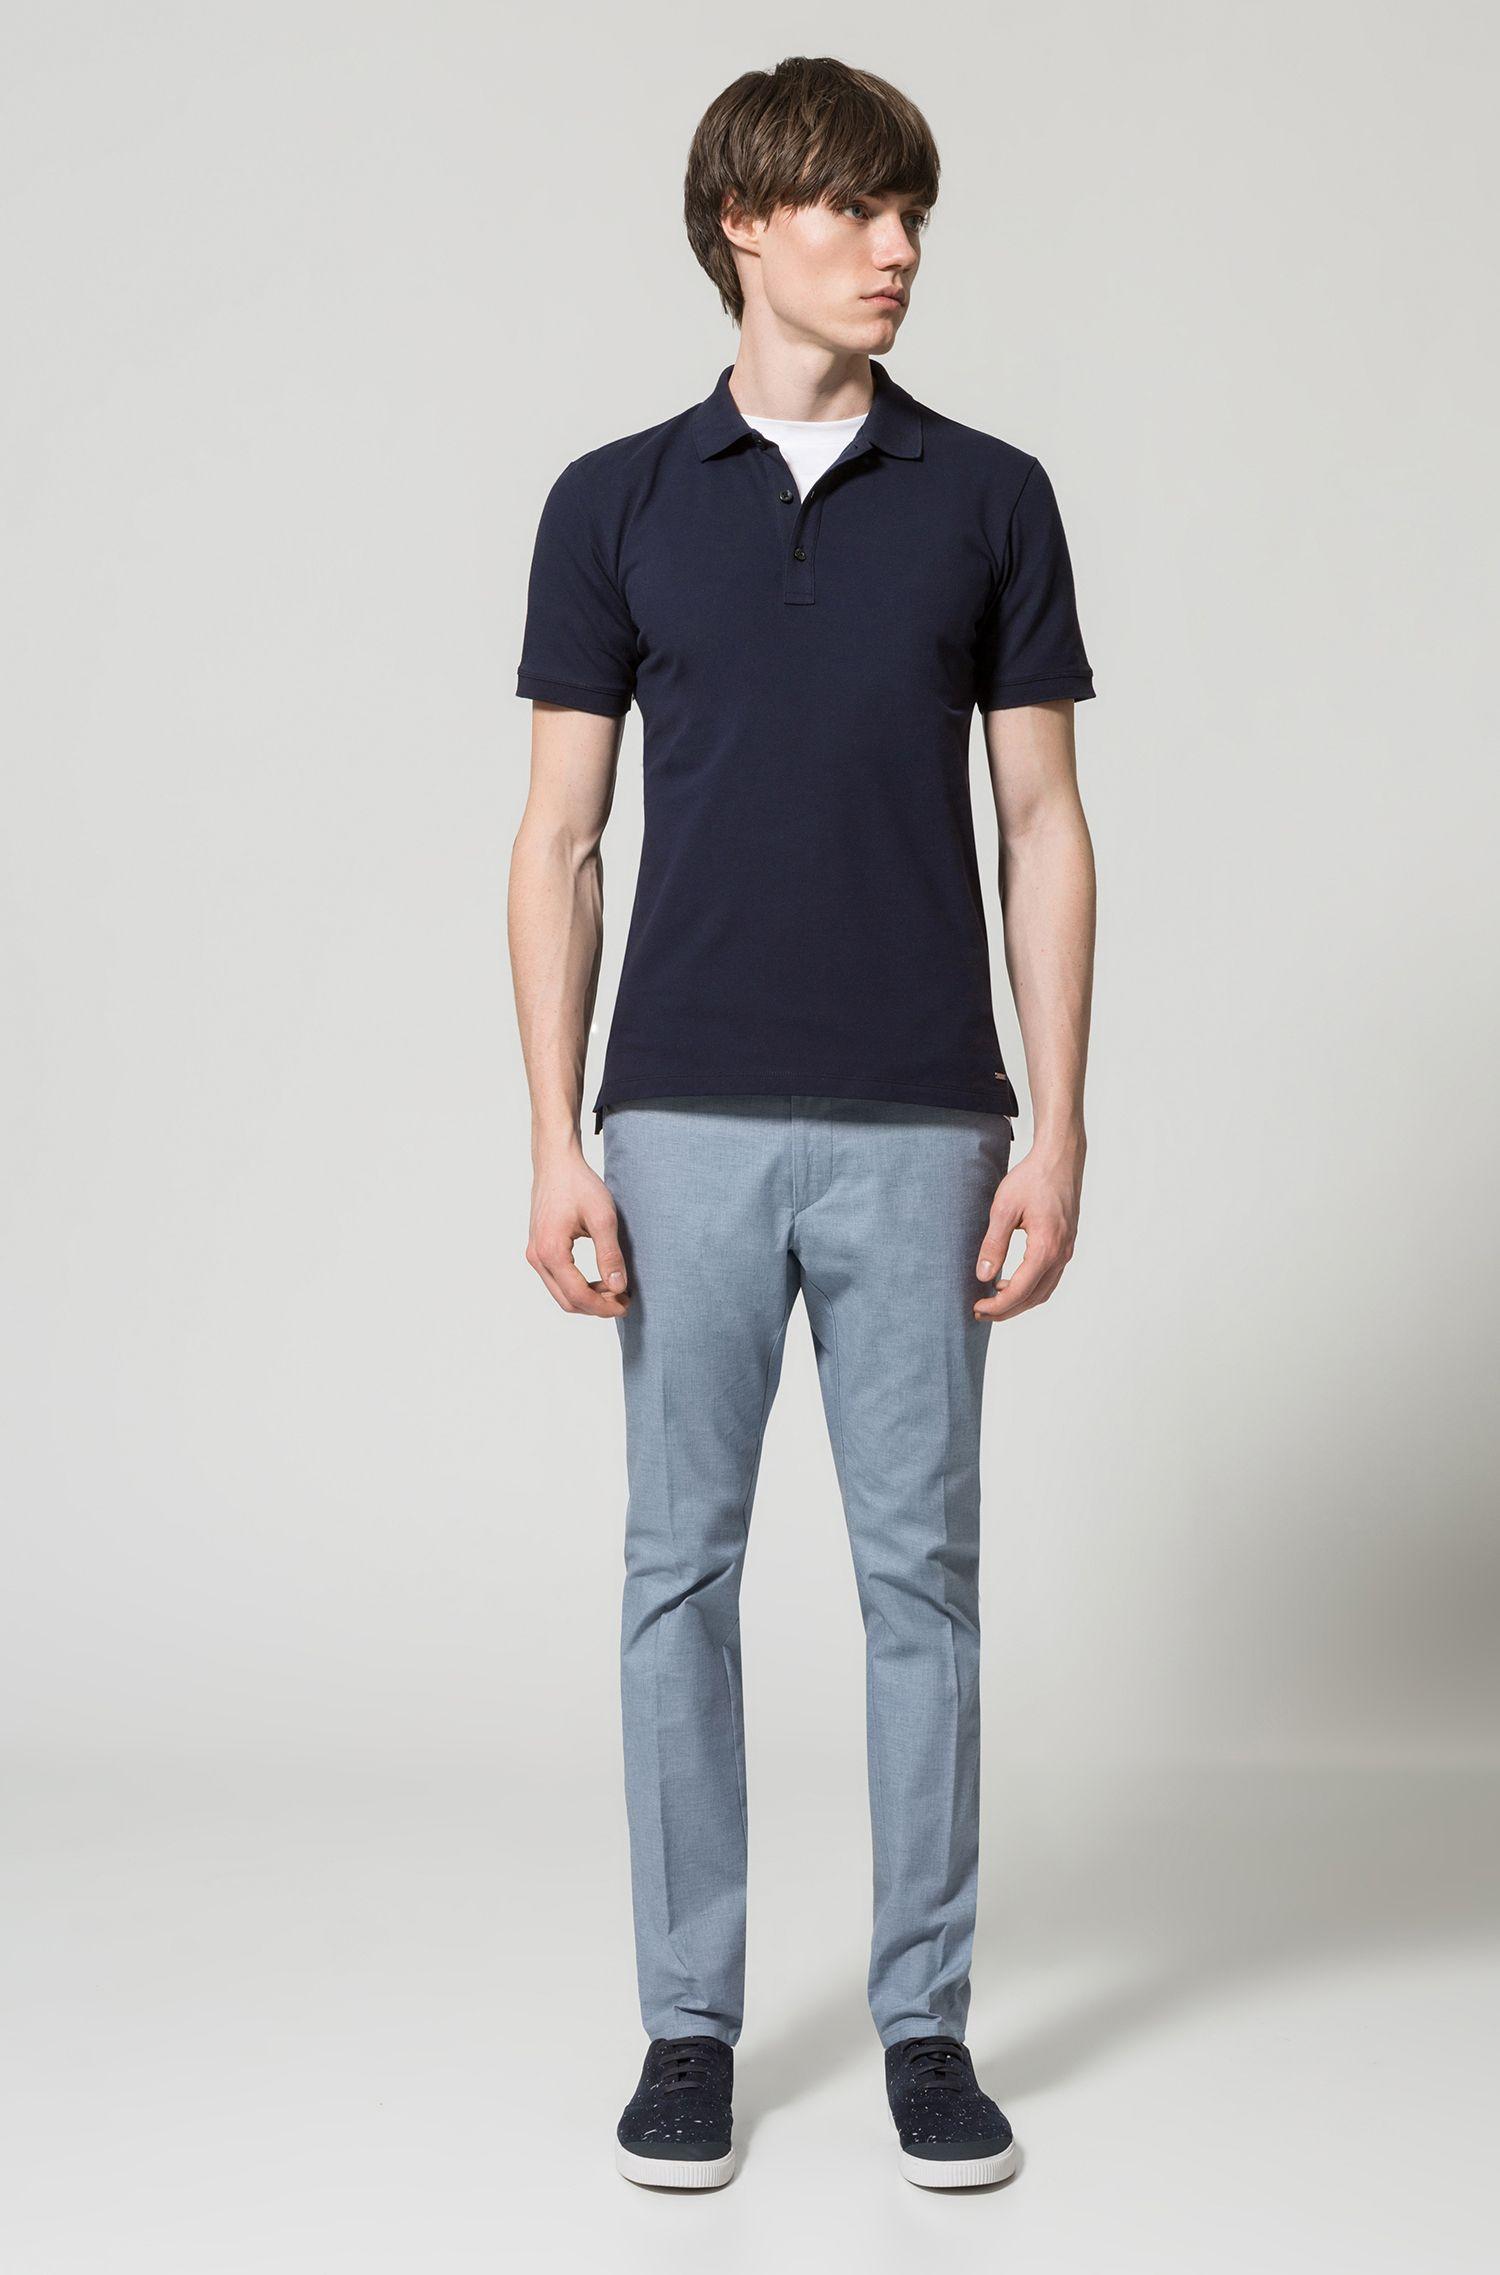 Pantalon Extra Slim Fit en coton stretch micro-structuré